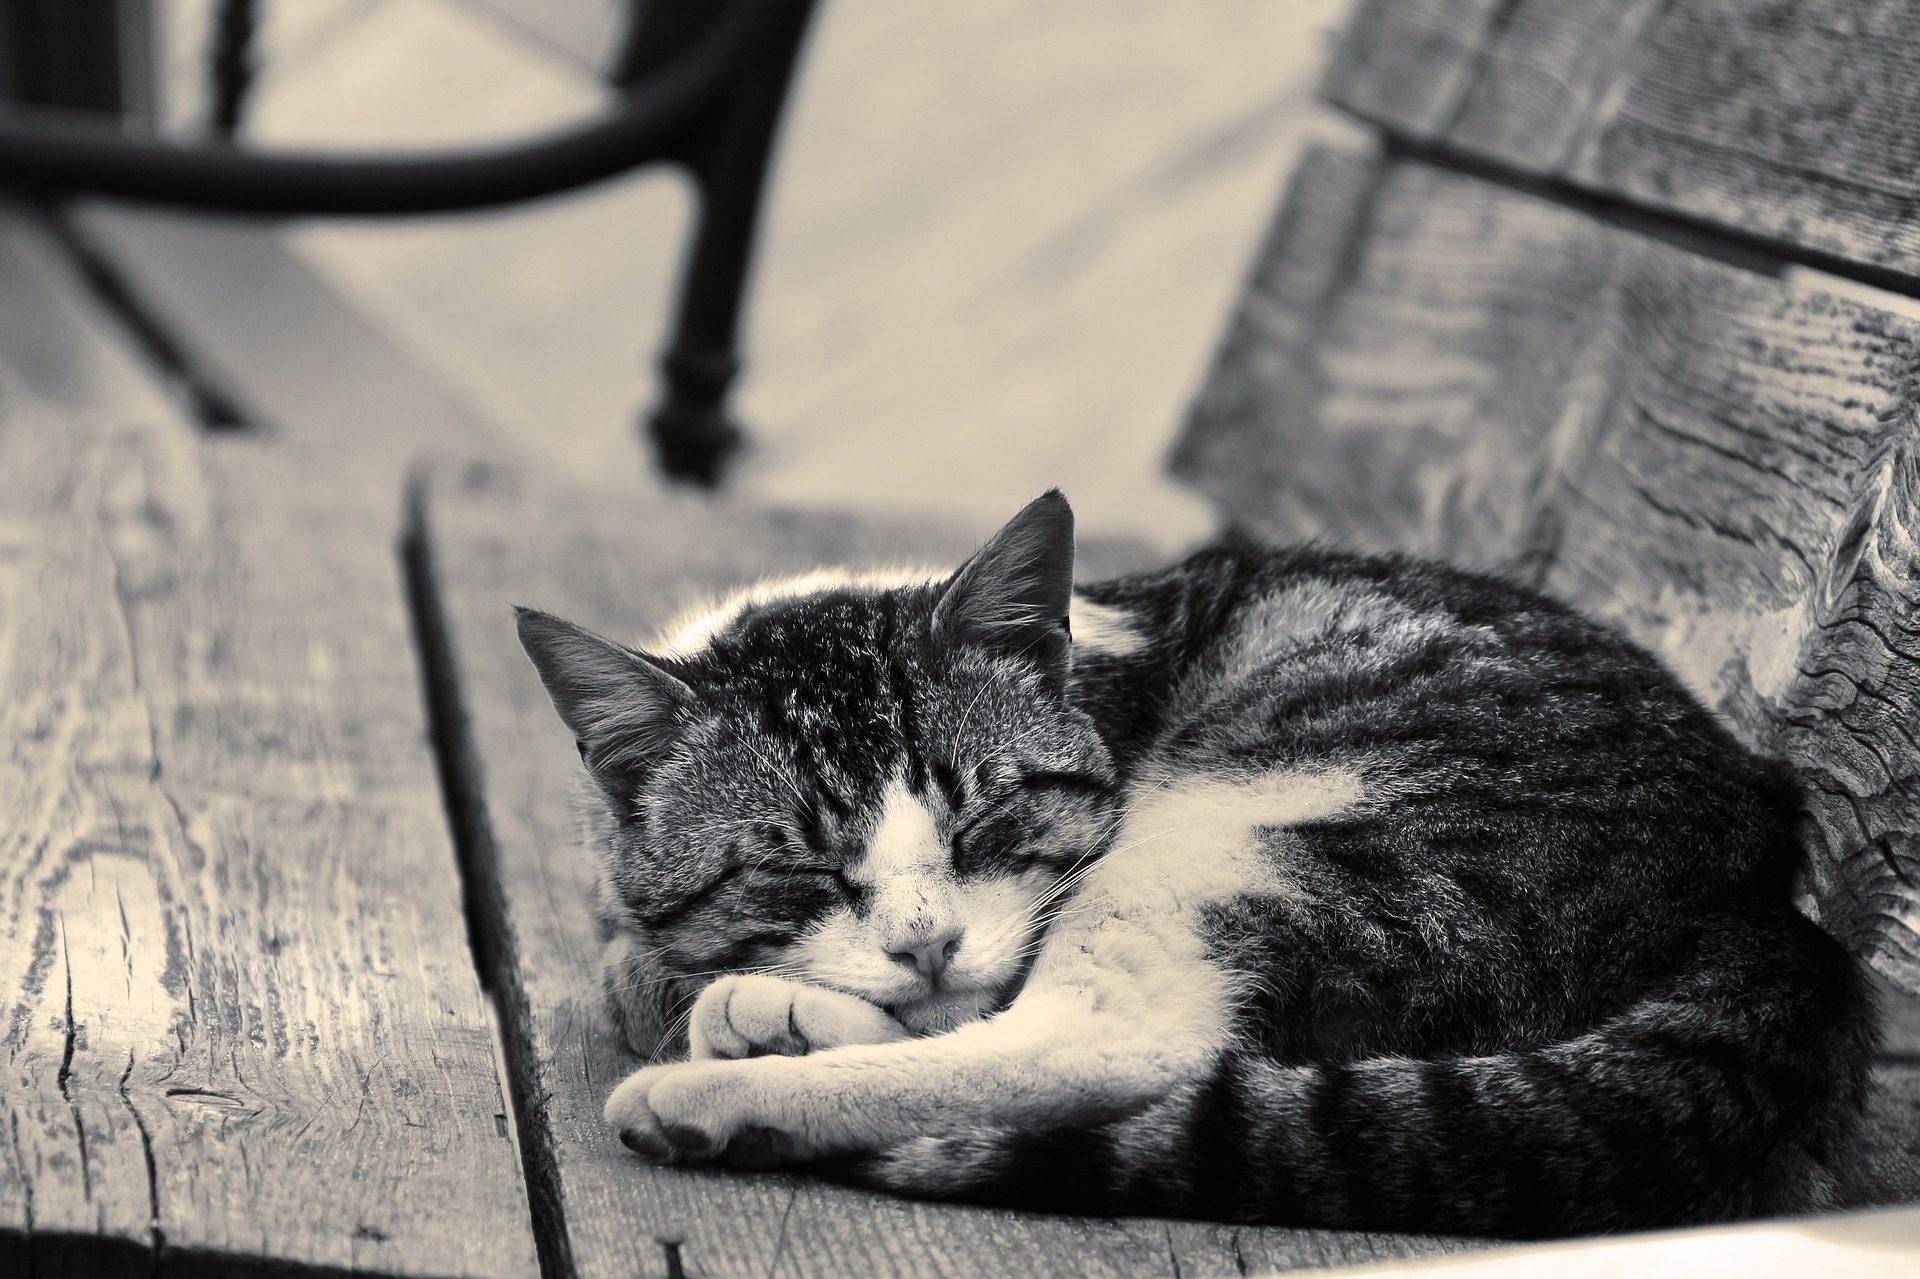 لجنة مناهضة التعذيب, وضع السكون, مصرف, الخشب, الحيوانات الأليفة, القطط, بالأبيض والأسود - خلفيات عالية الدقة - أستاذ falken.com